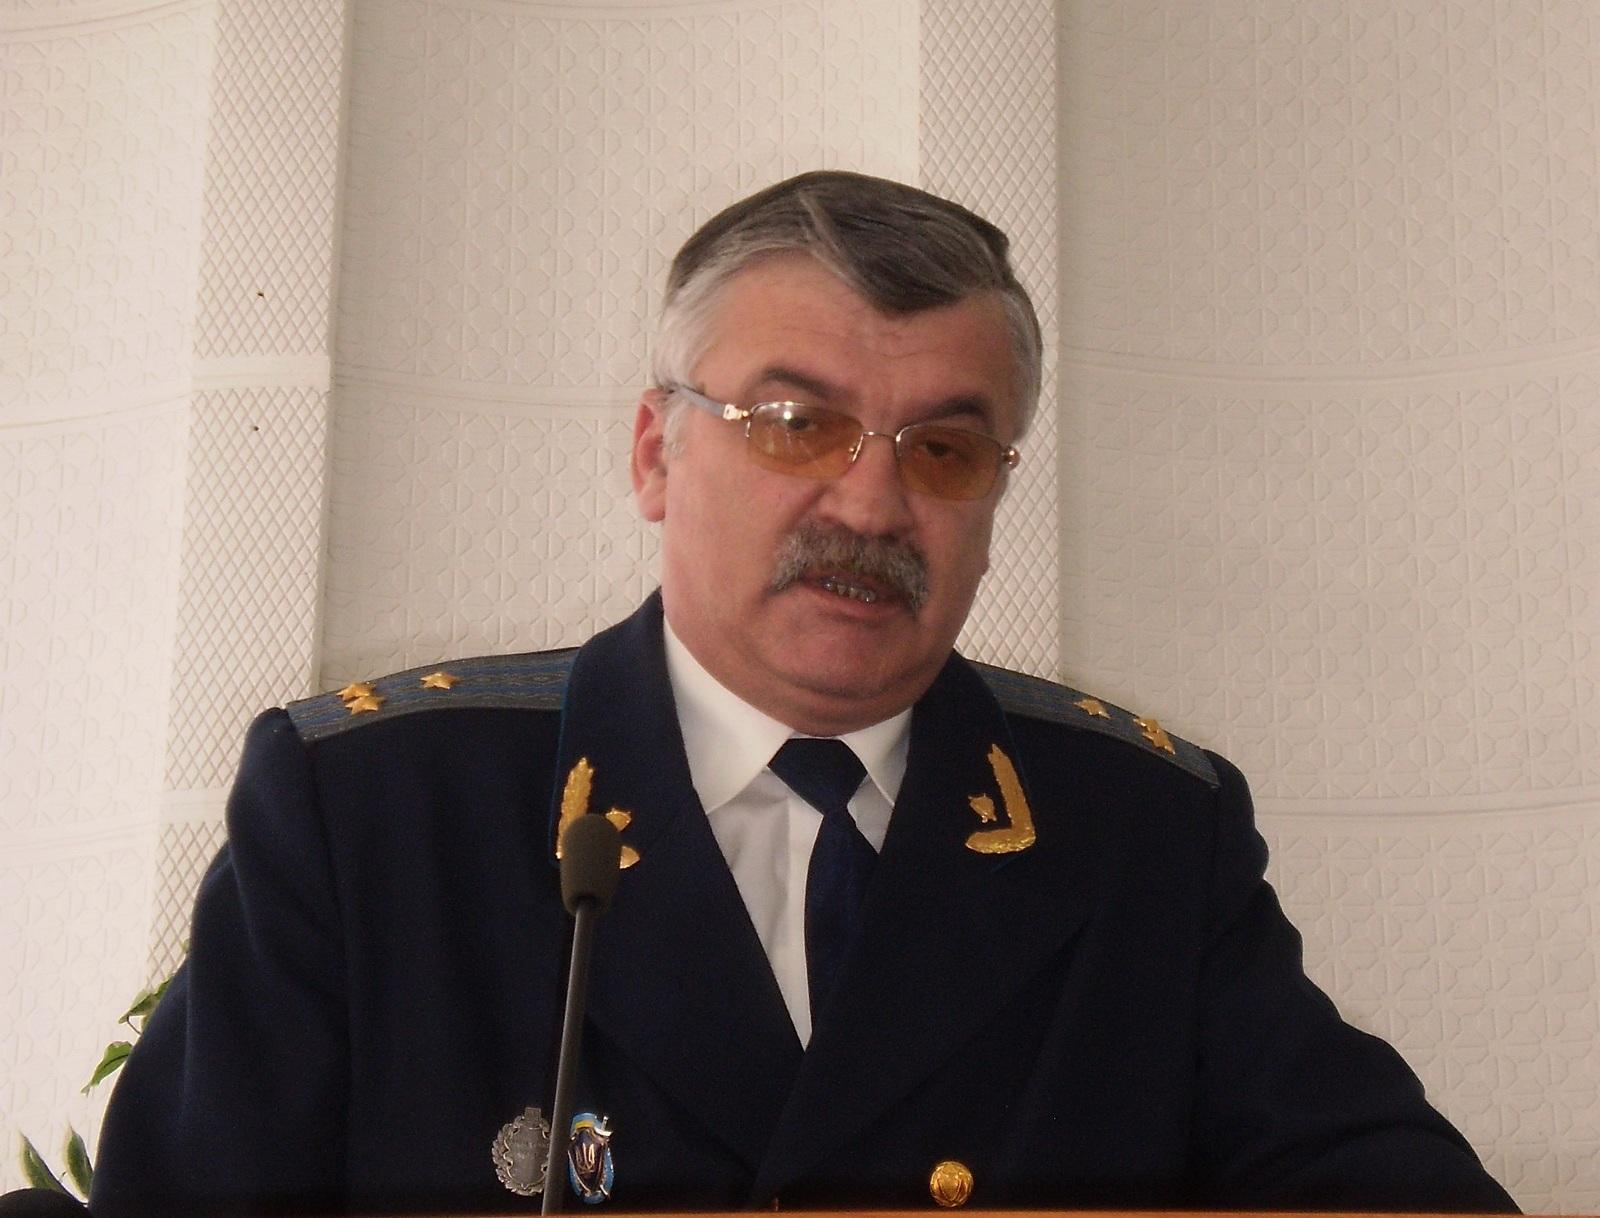 Джерело Голосу Карпат повідомило, що нардеп Віктор Балога на найвищому рівні просуває на посаду прокурора Закарпатської області Івана Царя.